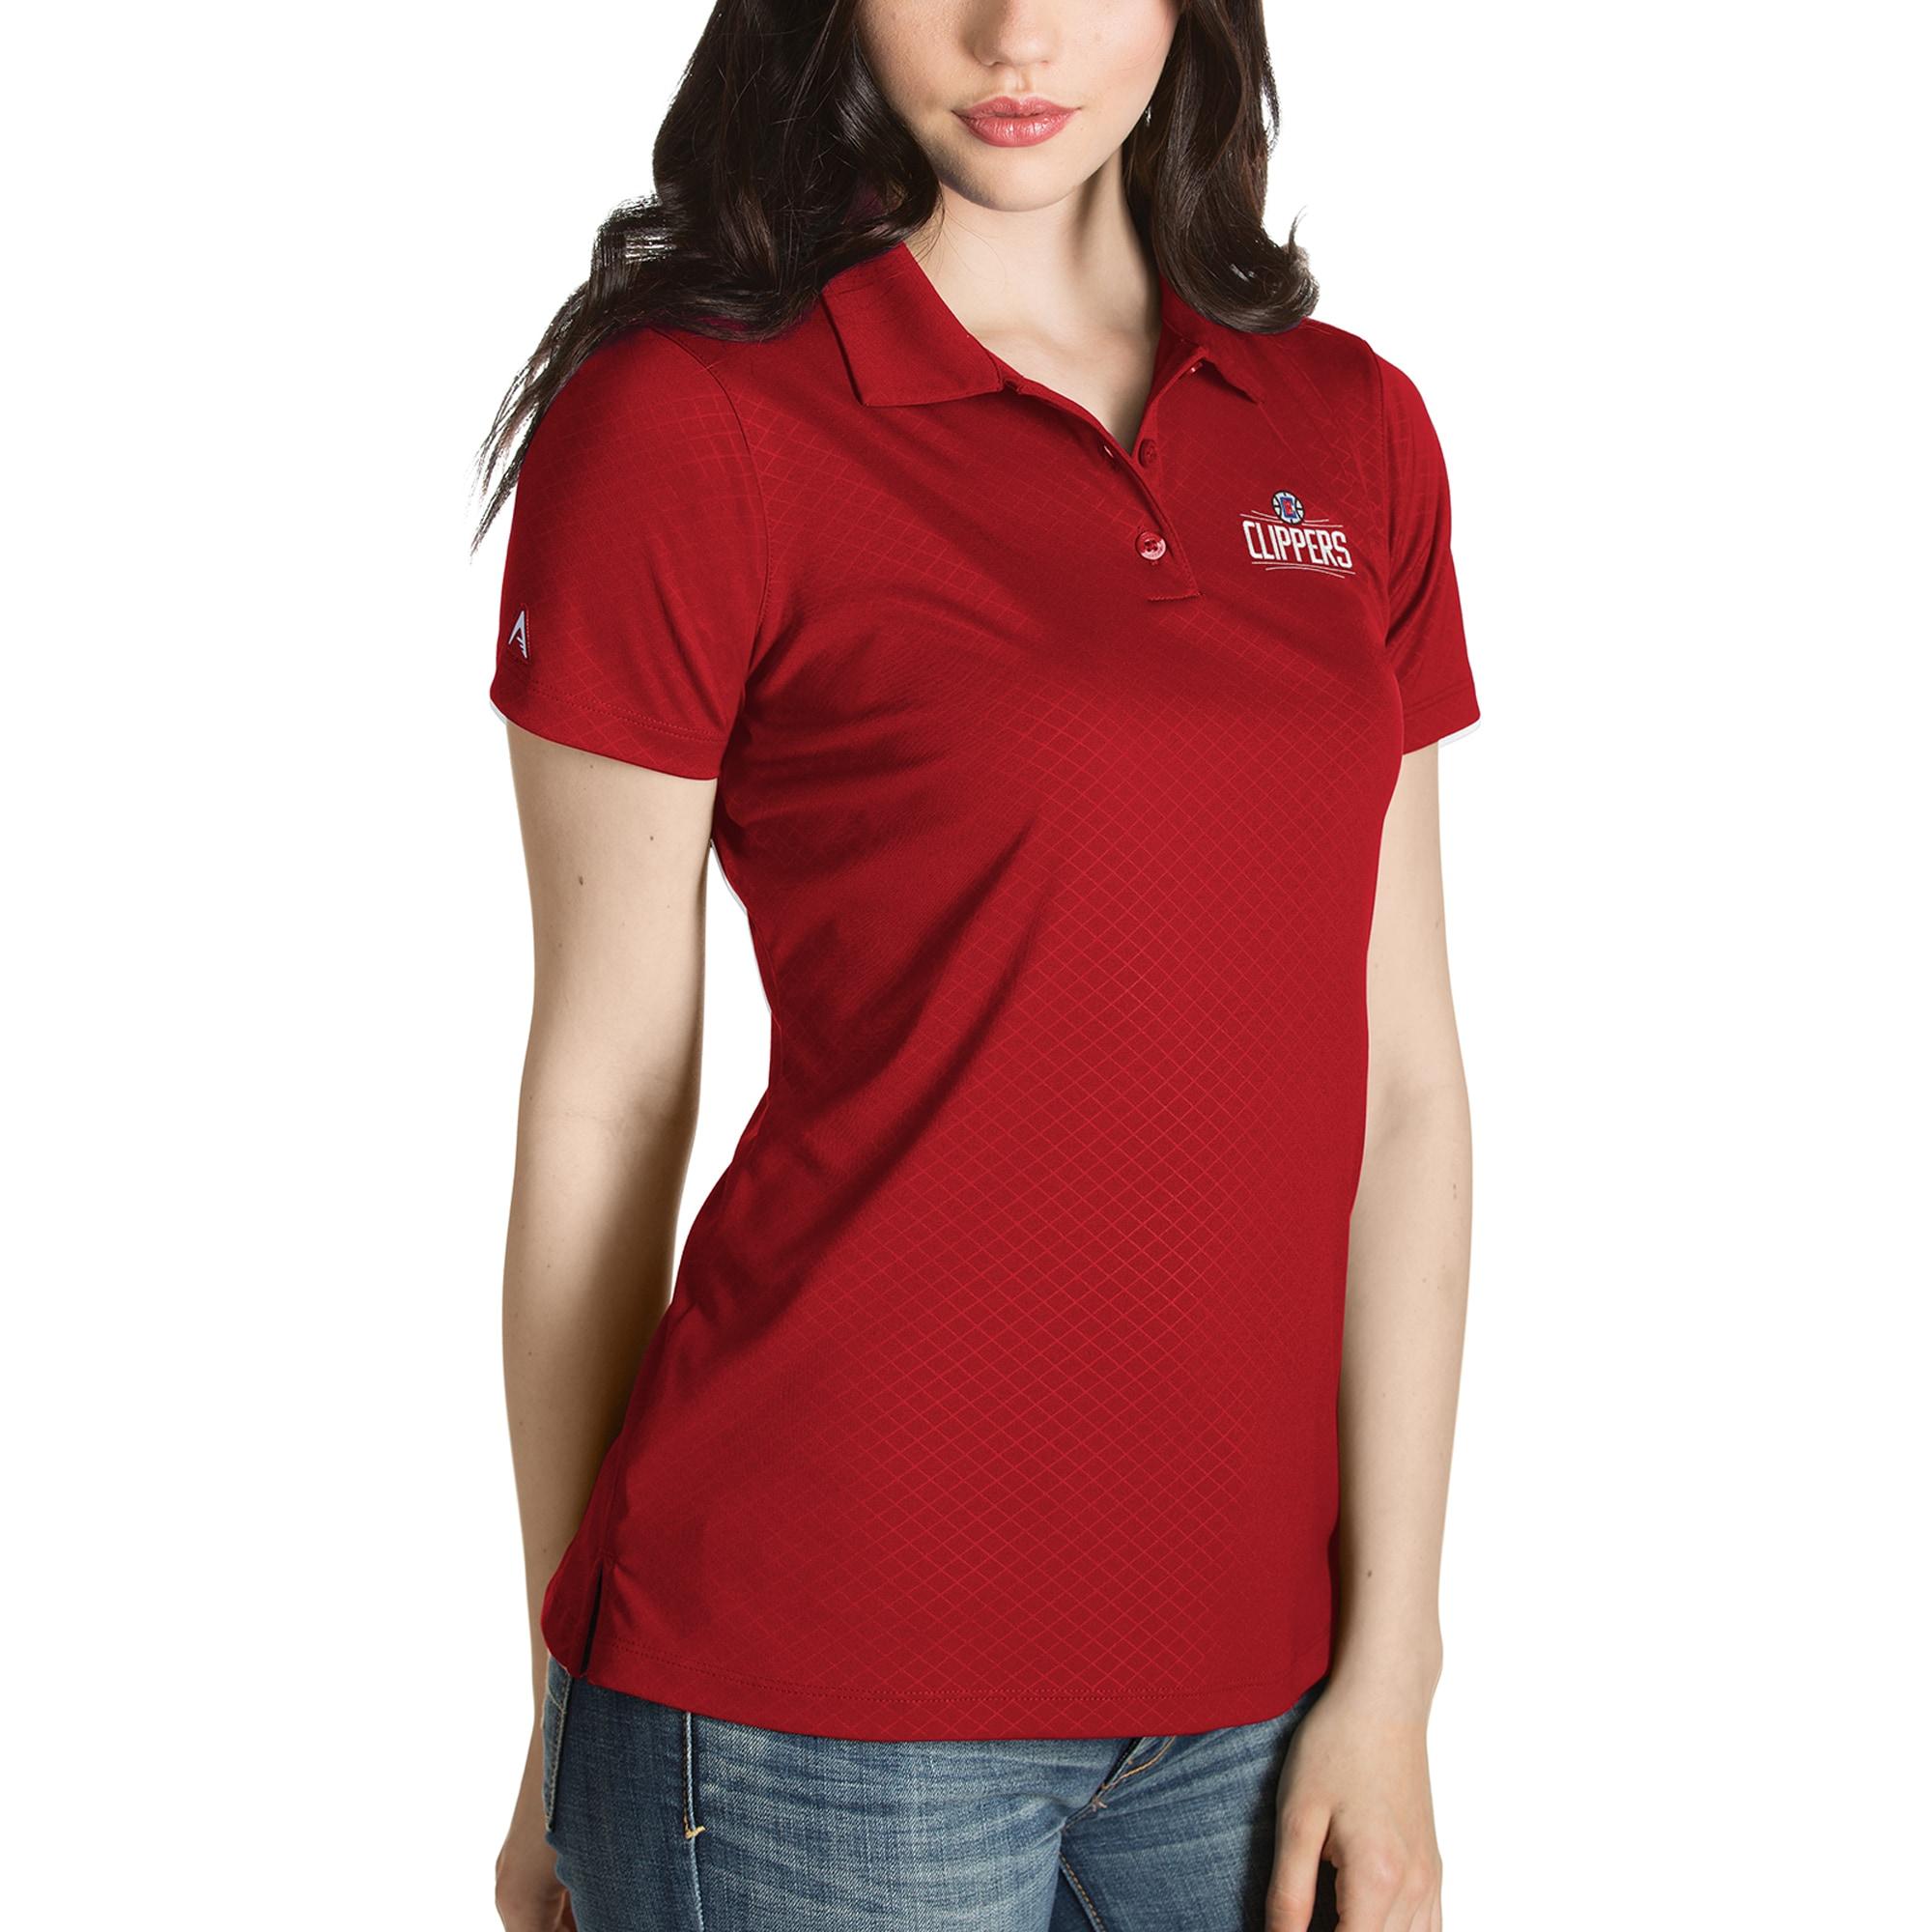 LA Clippers Antigua Women's Inspire Polo - Red